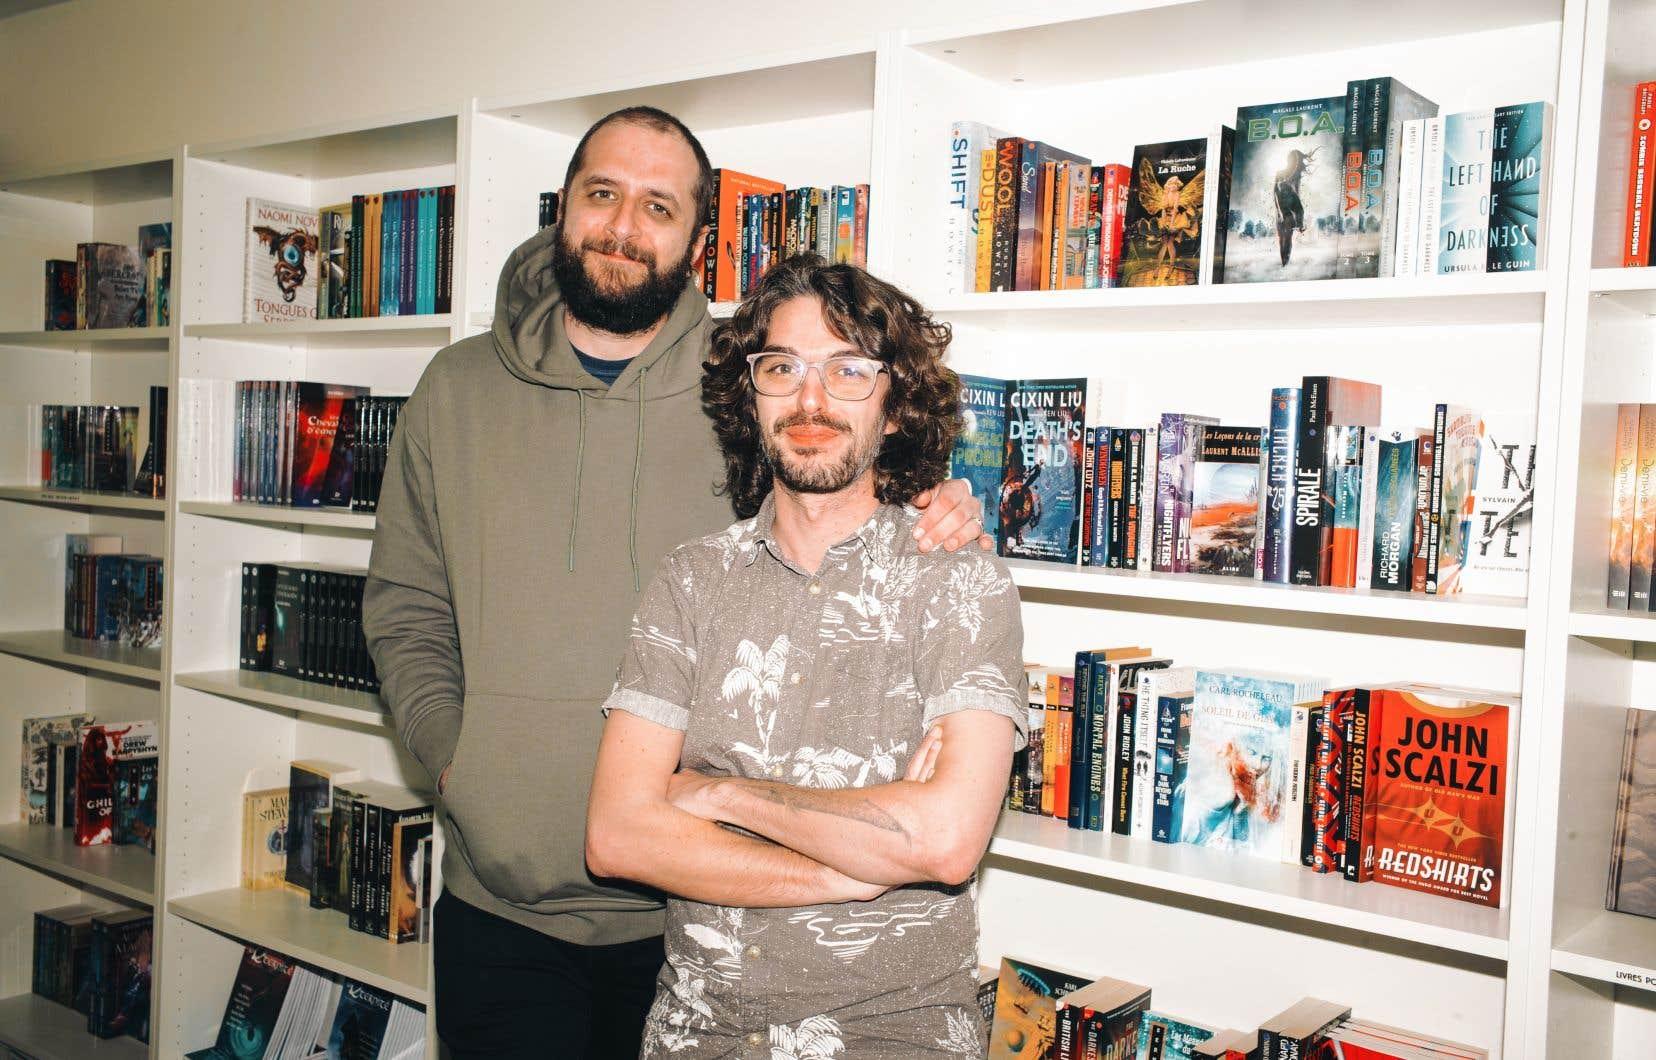 Ilya Razykov  et Mathieu  Lauzon-Dicso, copropriétaires  de Saga,  une librairie  spécialisée en science-fiction et autres  littératures  de genre